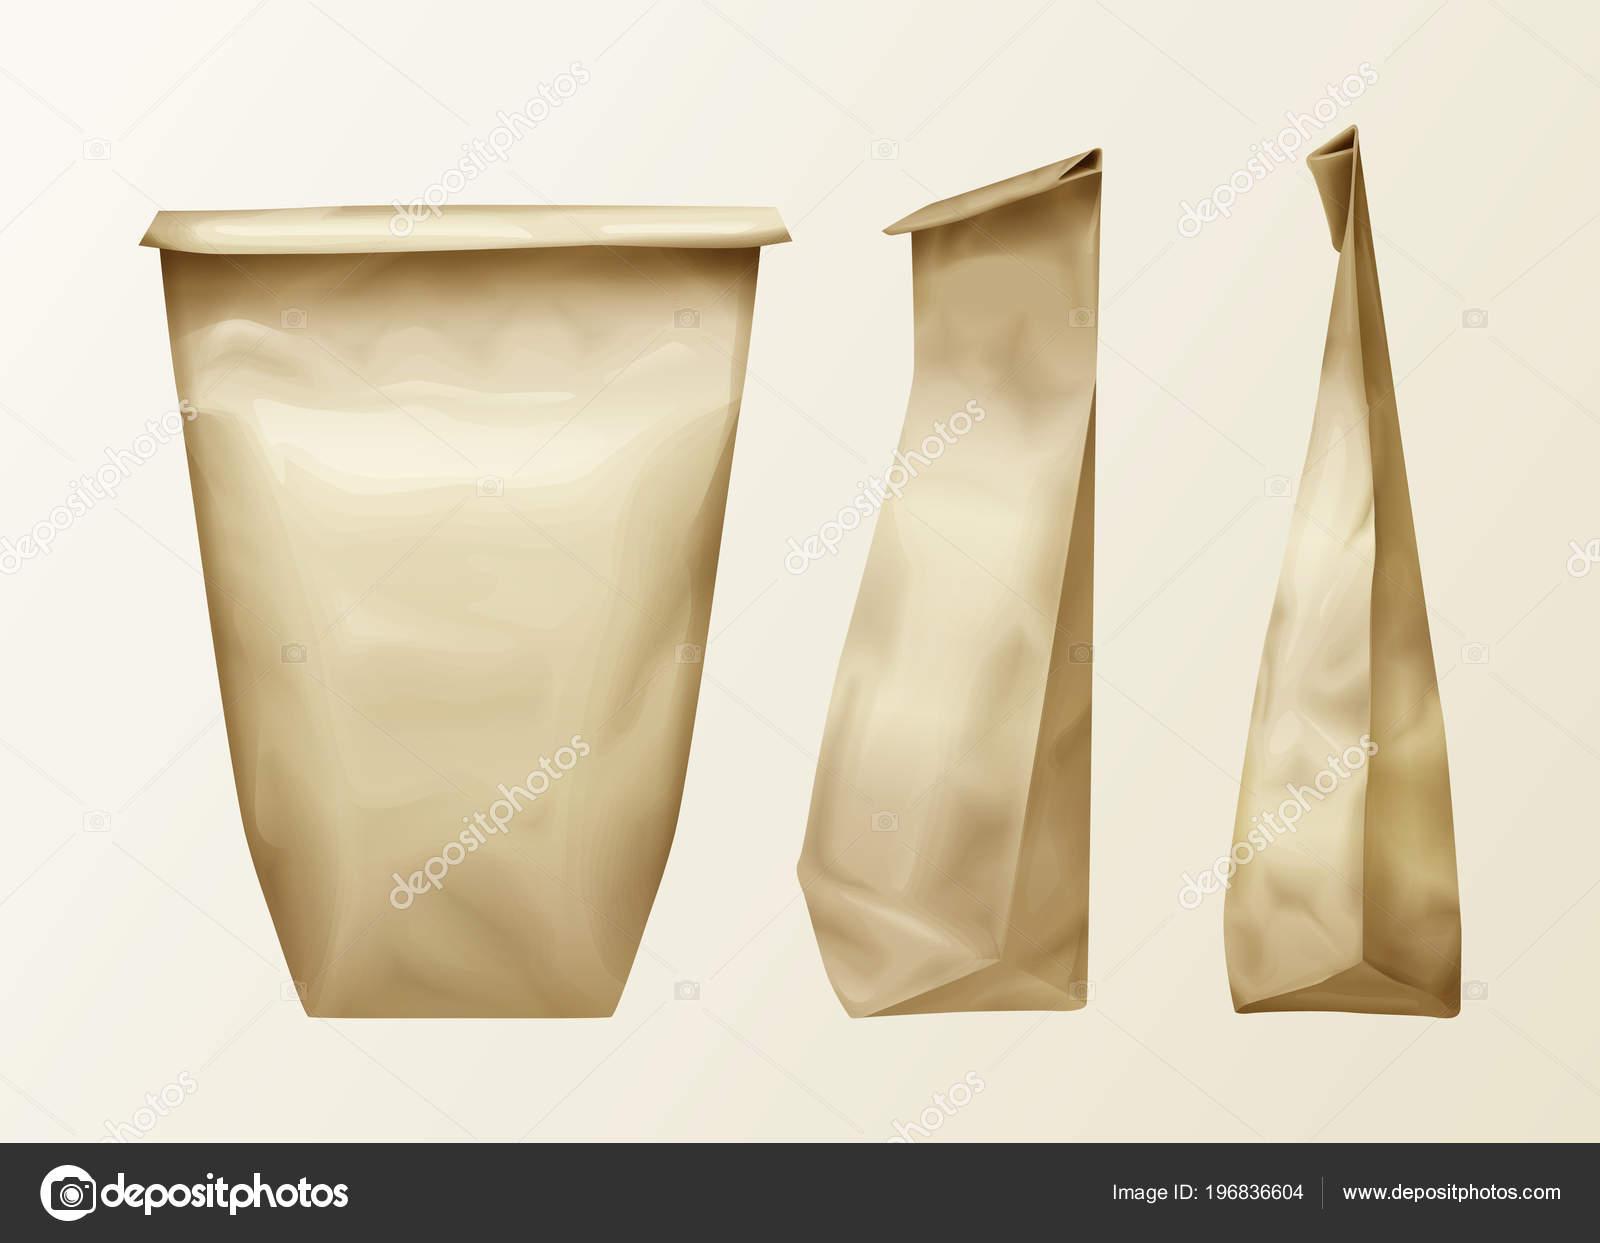 cb225b2880 Διάνυσμα ρεαλιστική τσαλακωμένο χαρτί τσάντα διάφορα δείτε ορισμός.  Μεσημεριανό γεύμα σε πακέτο ή τα τρόφιμα σνακ